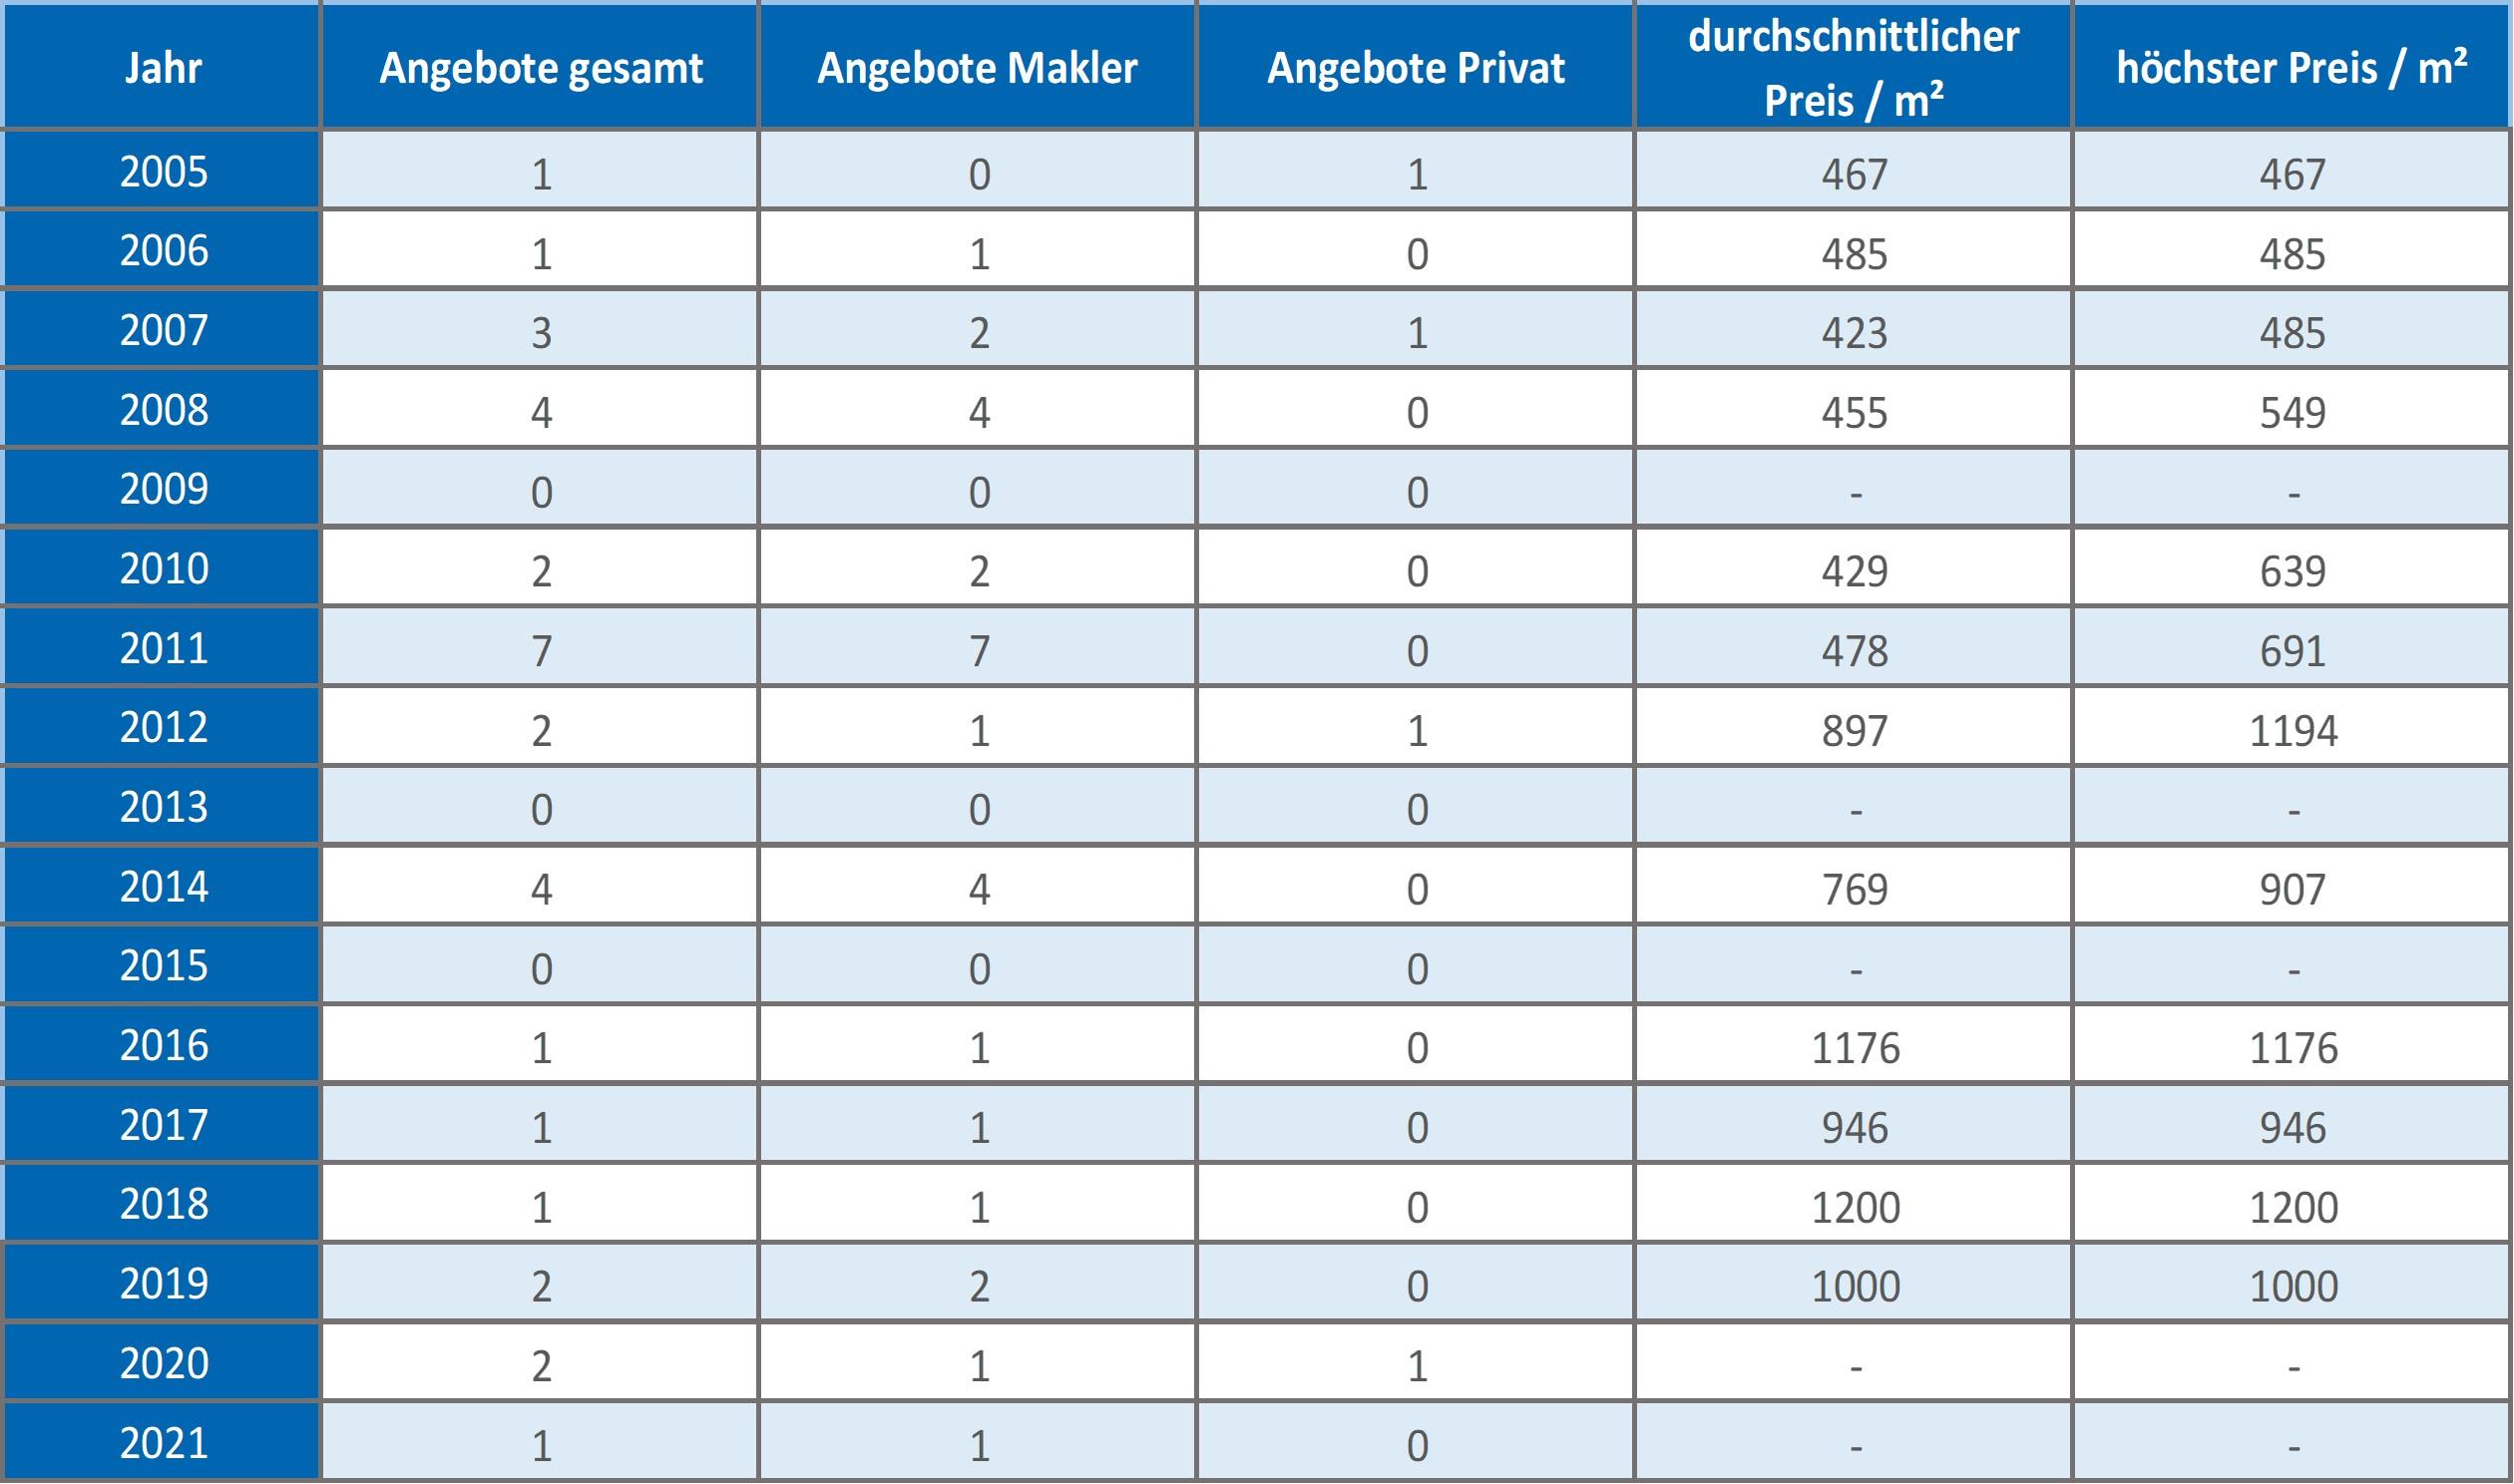 Zorneding-Grundstück-kaufen-verkaufen-Makler 2019 2020 2021